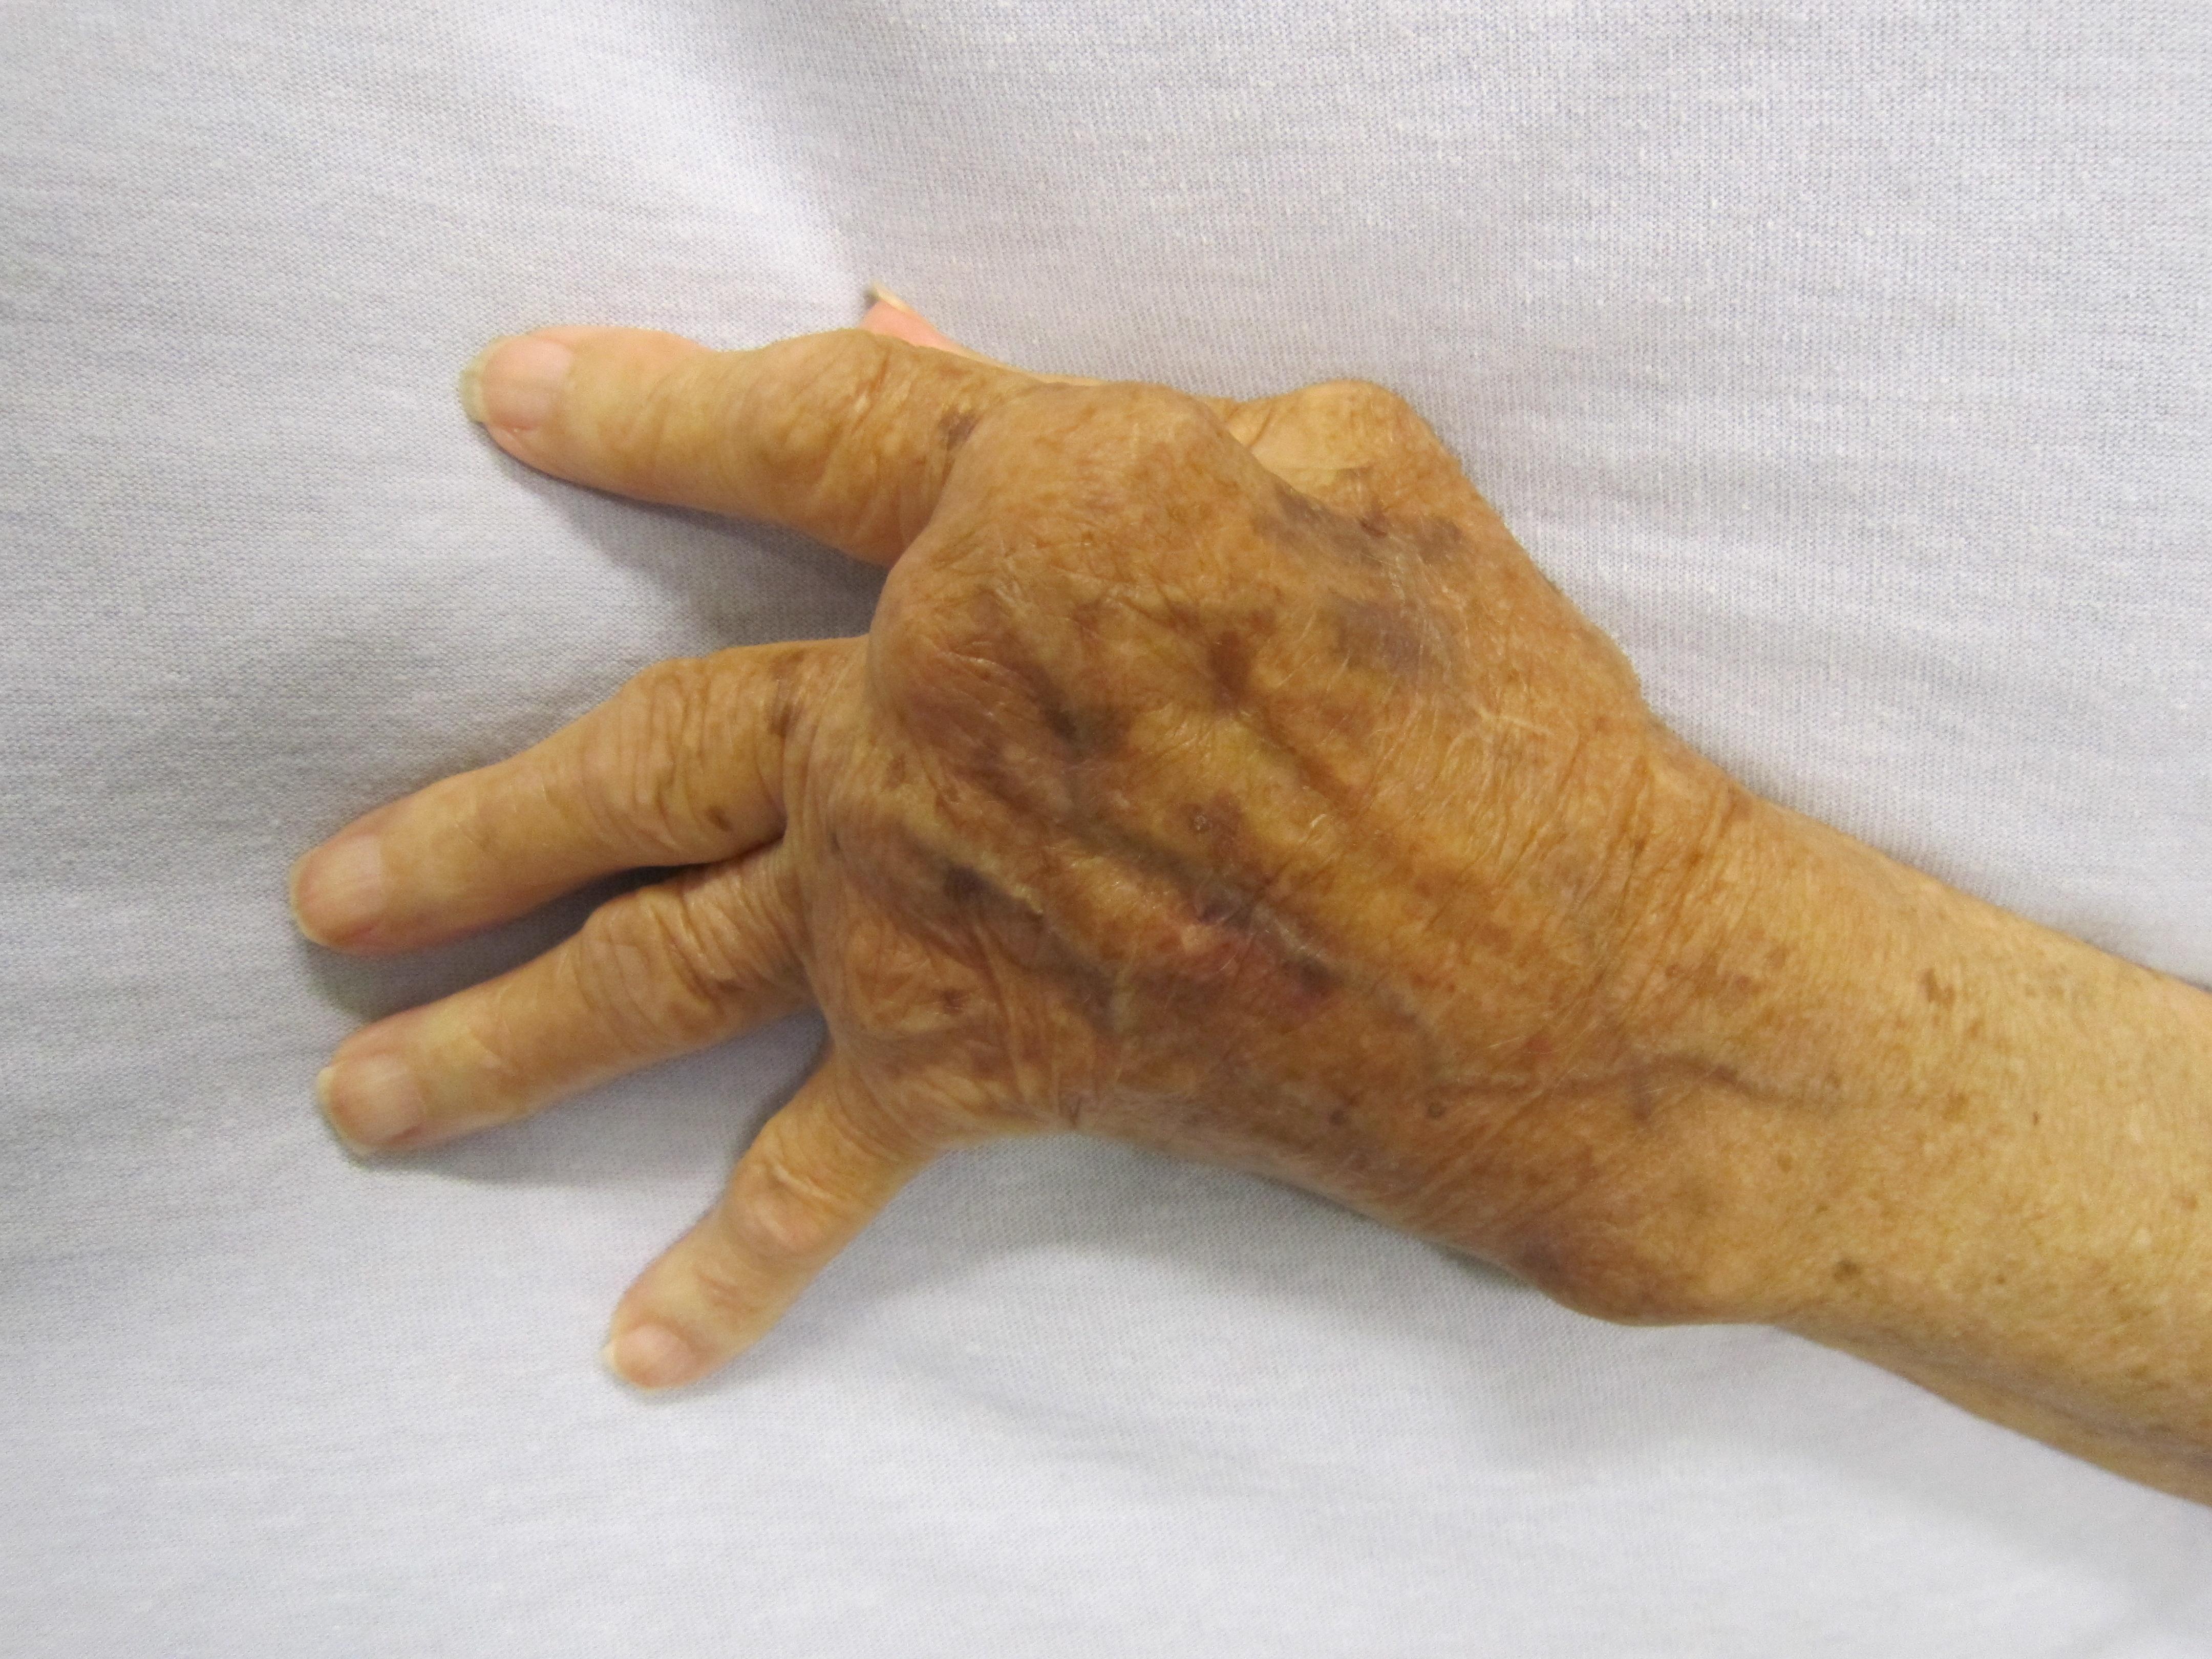 gyógyszer az ujjak ízületeire